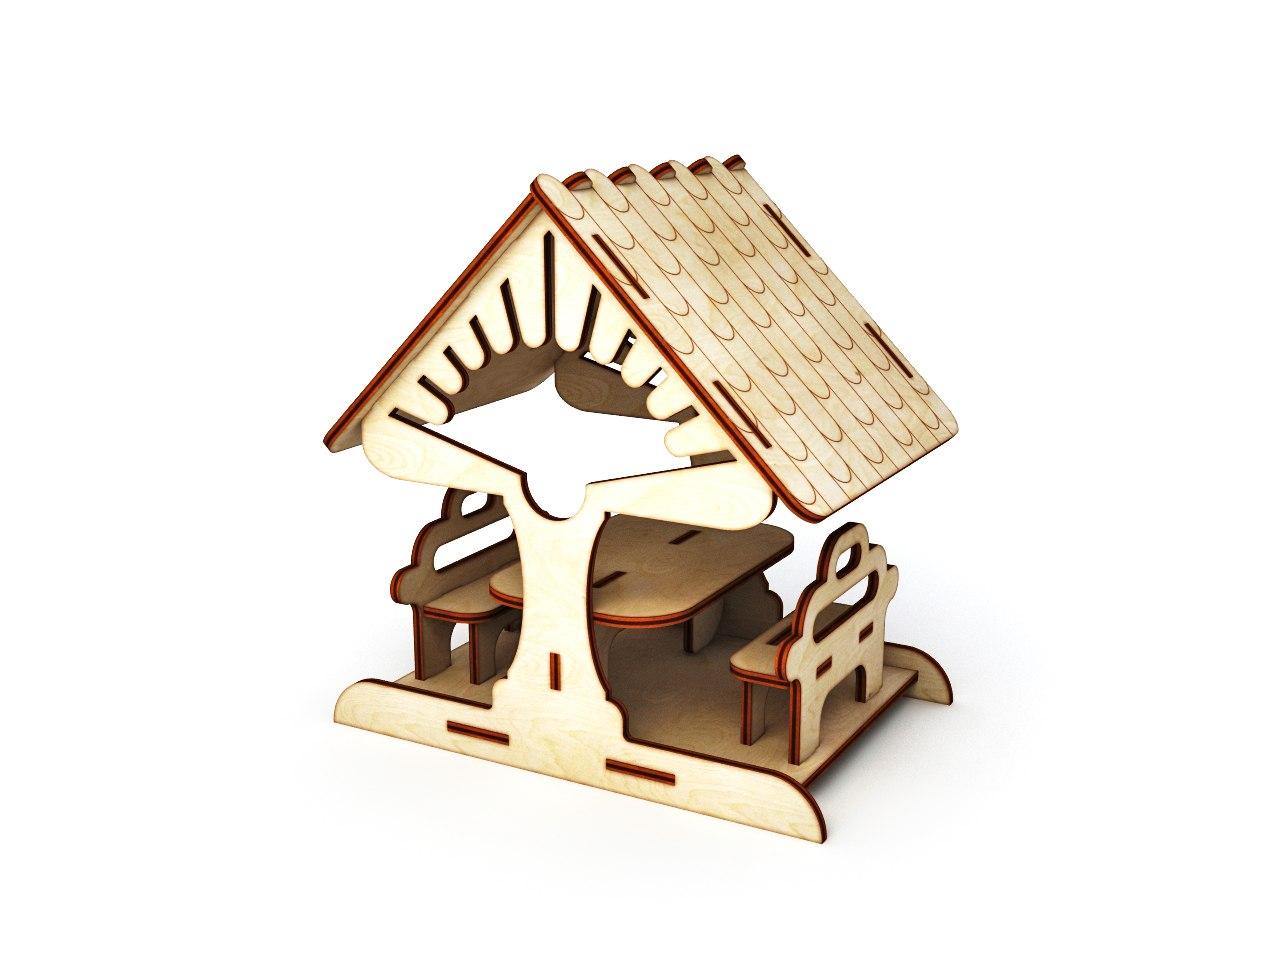 Кукольный домик своими руками из фанеры схема : с размерами чертеж для 3